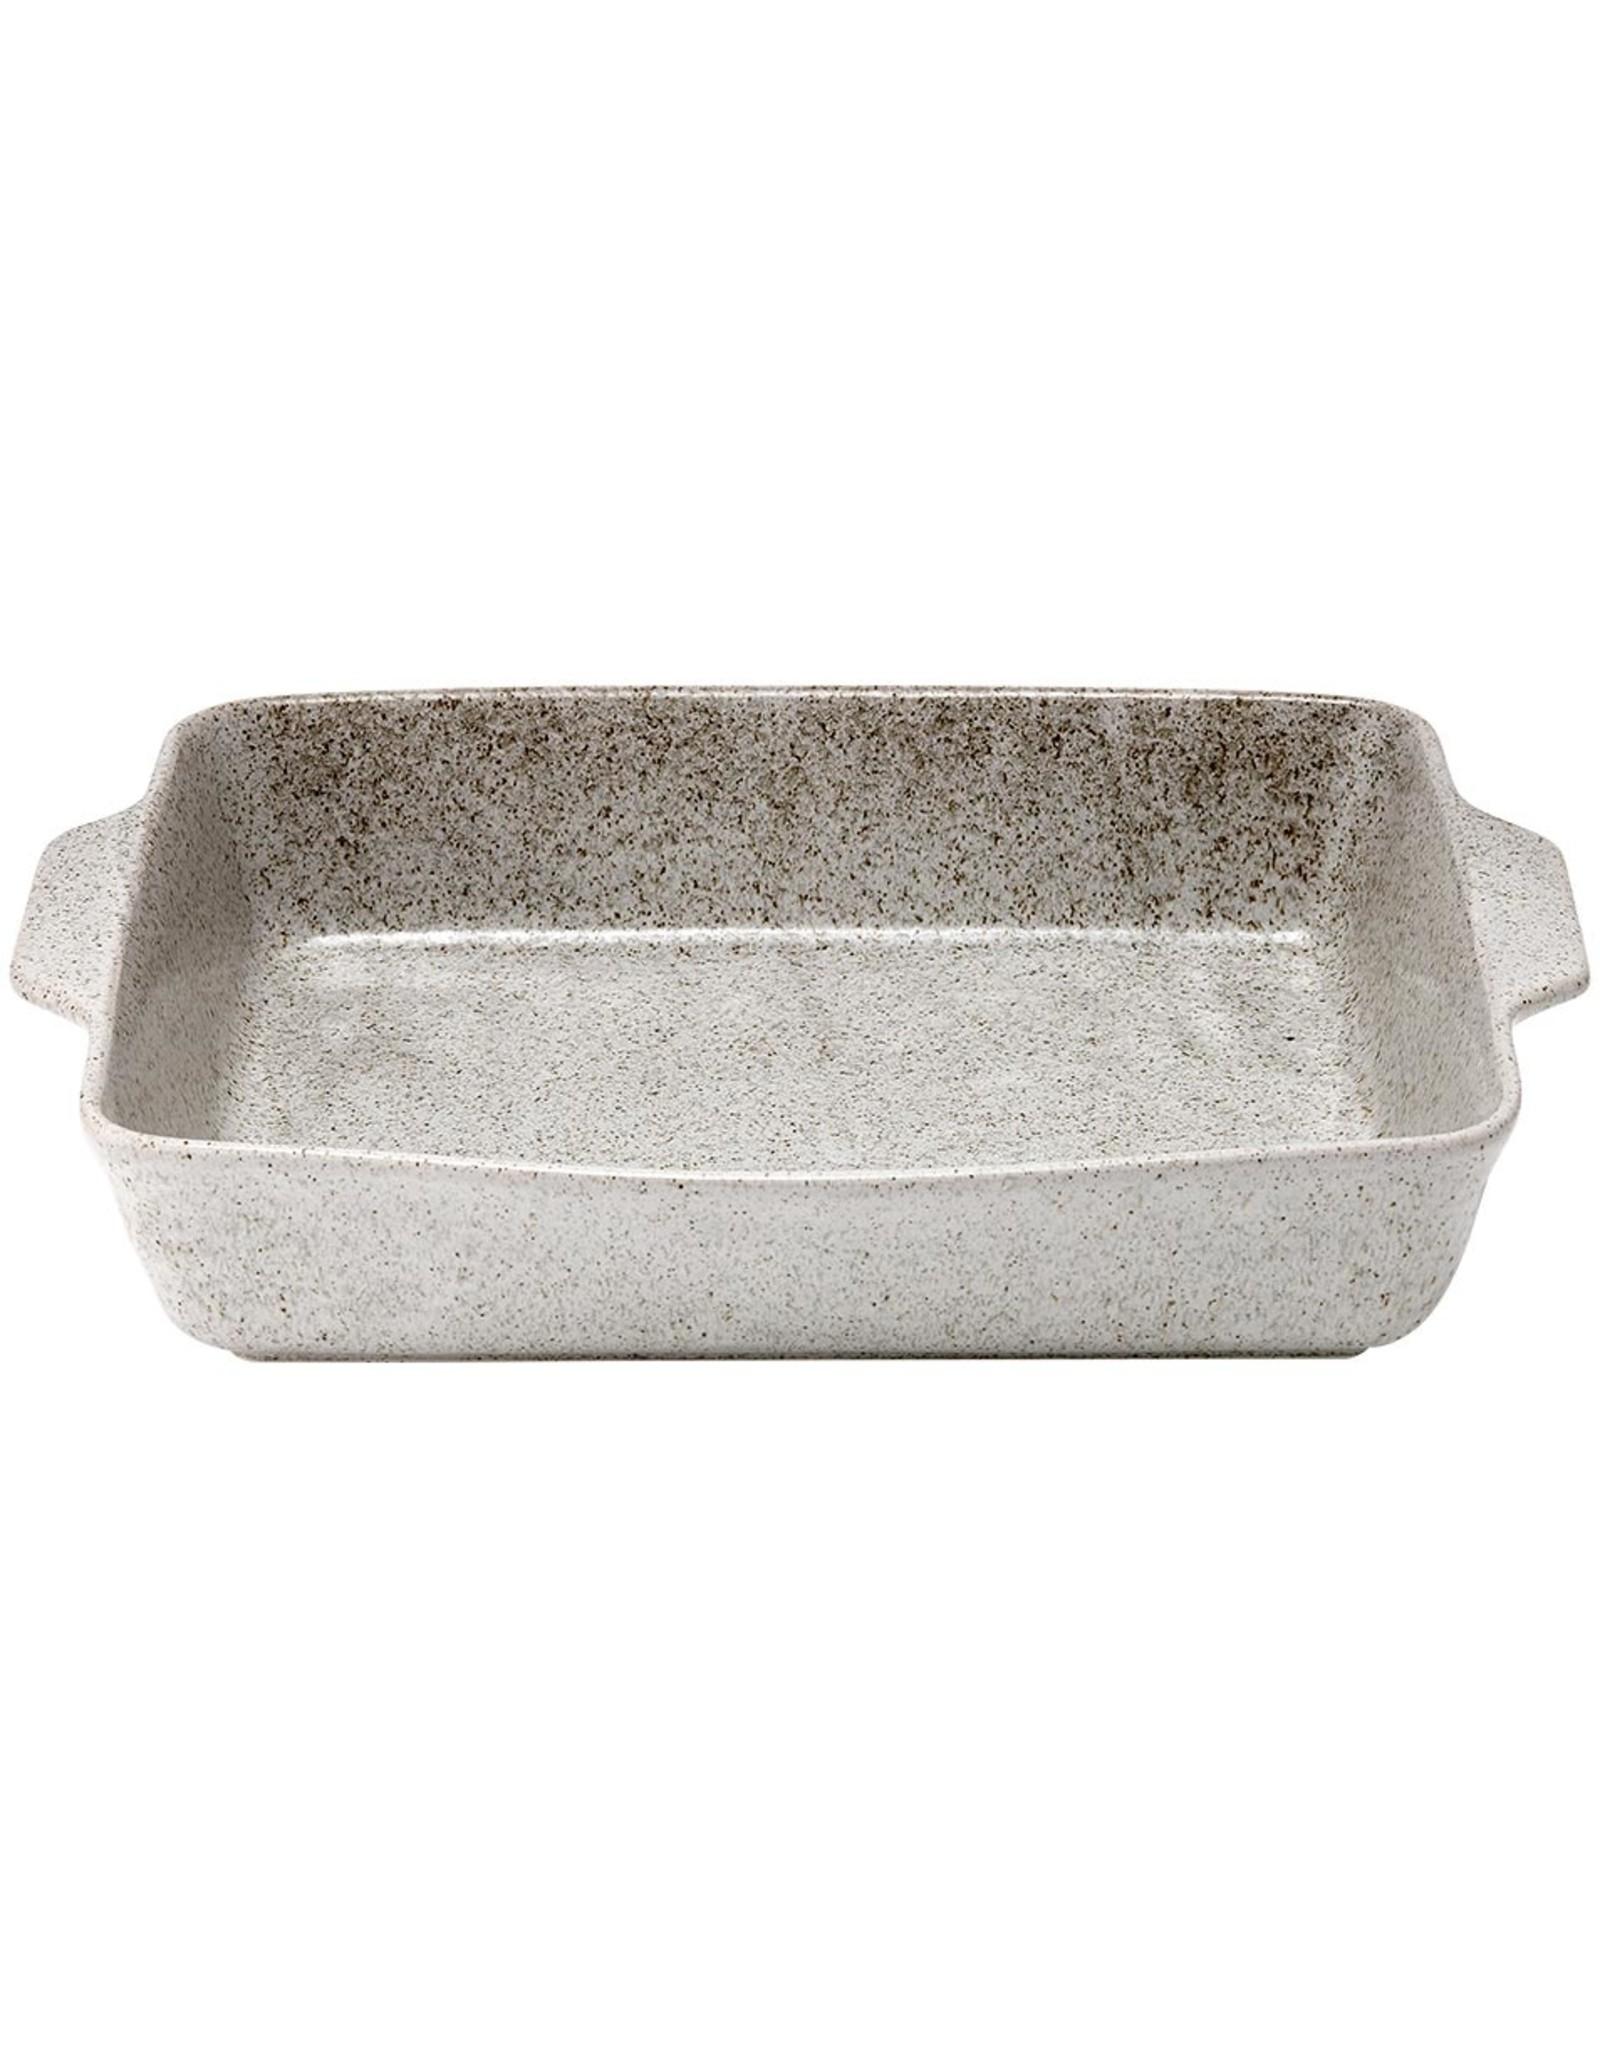 Artisan 39cm Baking Dish